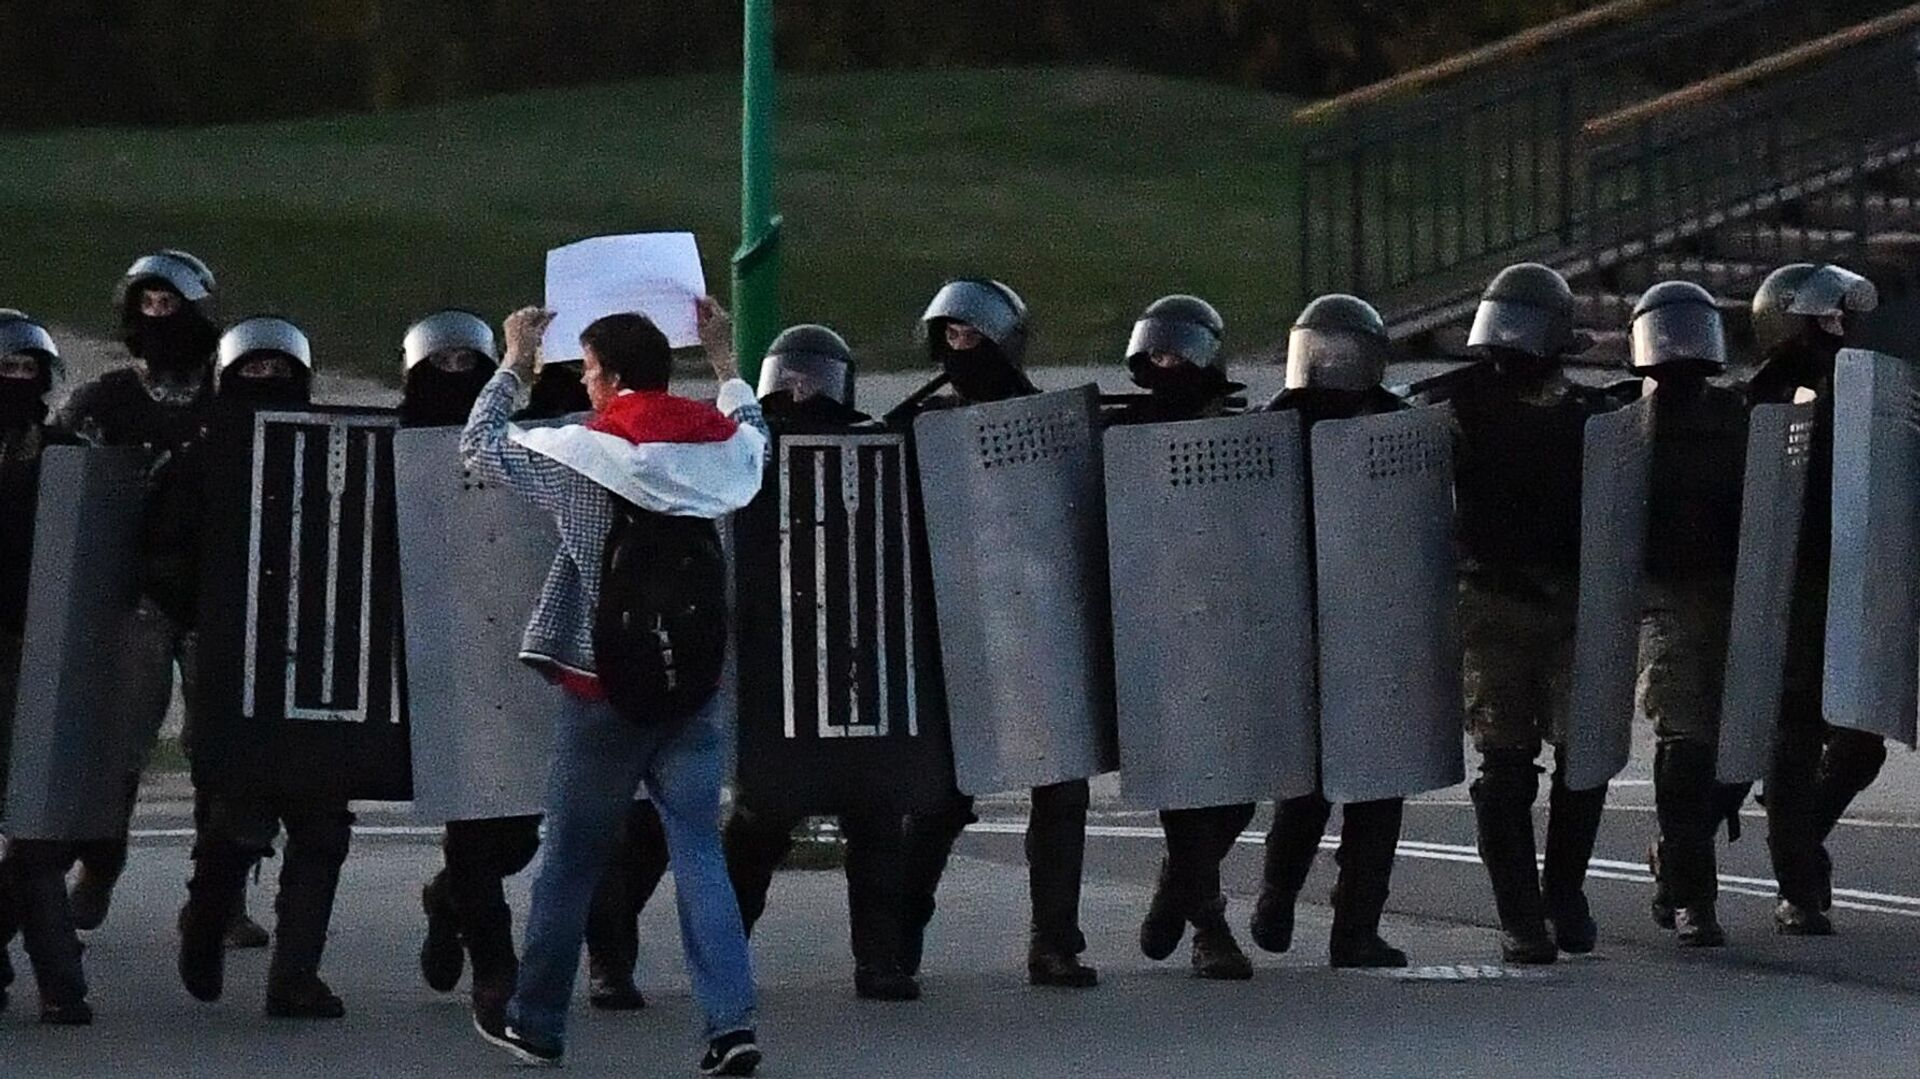 Сотрудники ОМОНа во время несанкционированной акции протеста оппозиции в Минске - РИА Новости, 1920, 24.09.2020